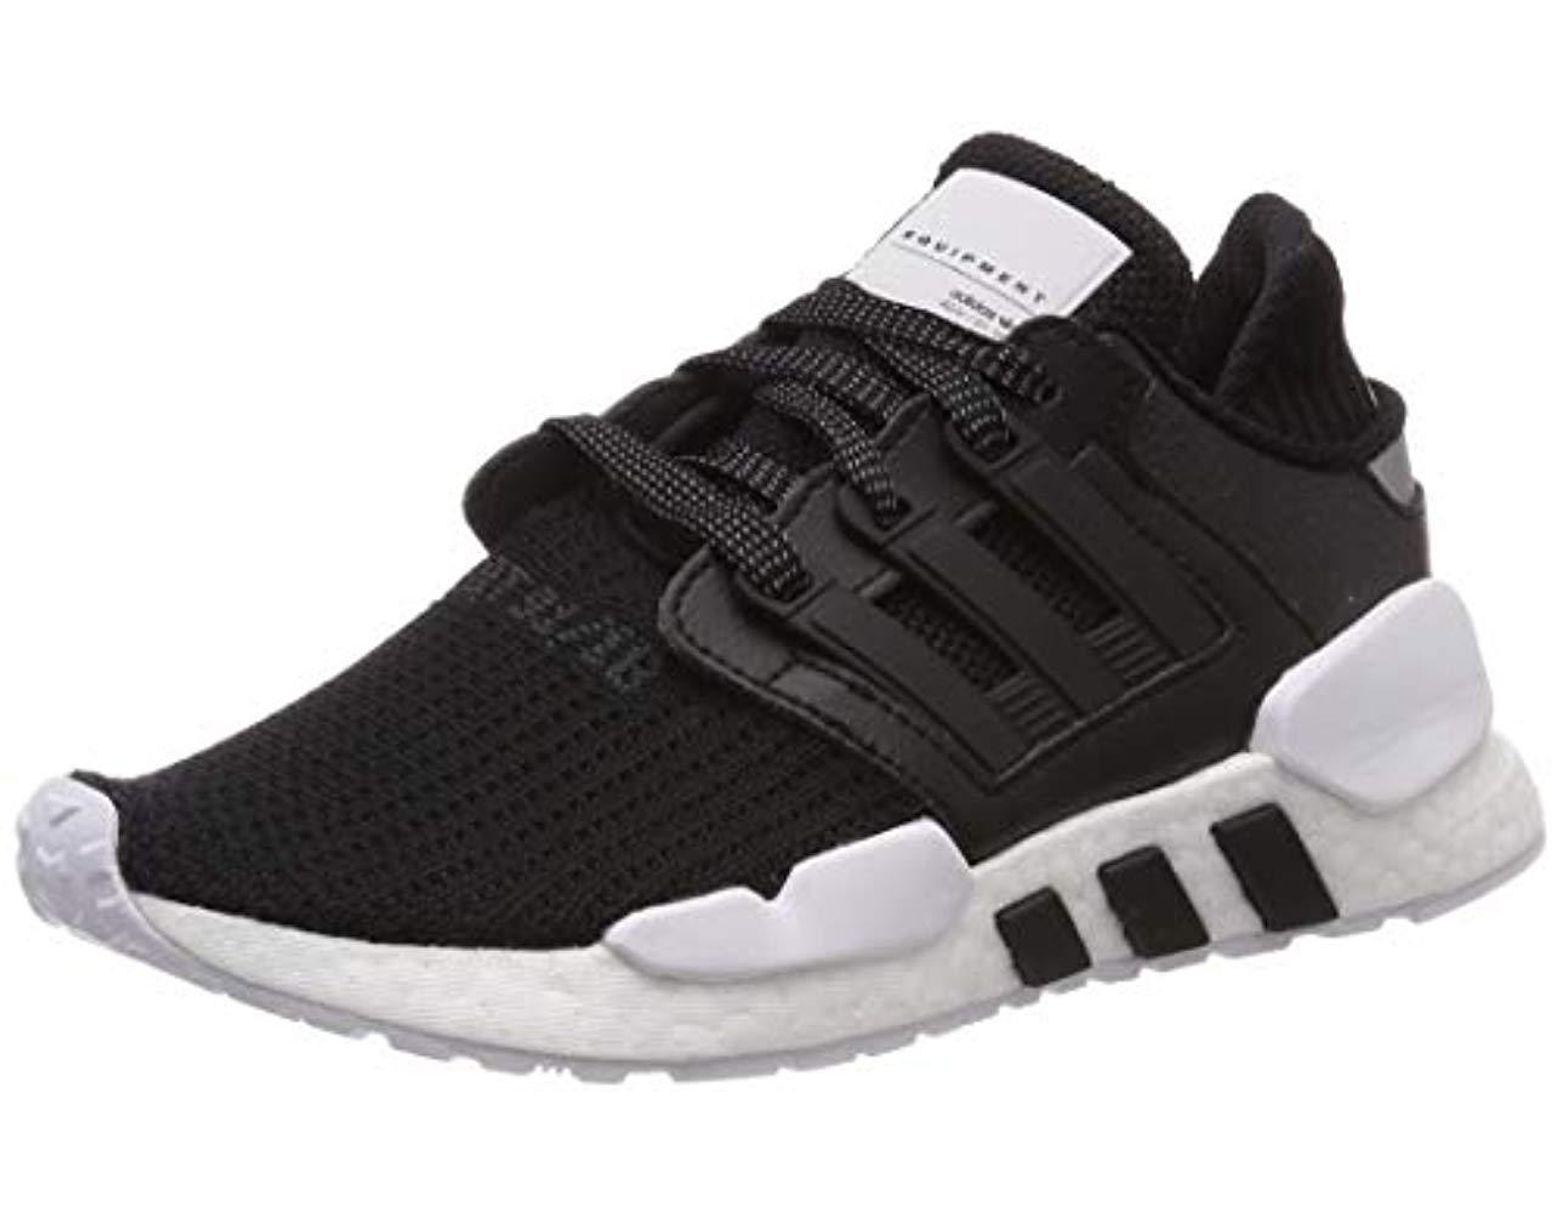 0ab125bd3b84e Men's Black Eqt Support 91/18 Gymnastics Shoes